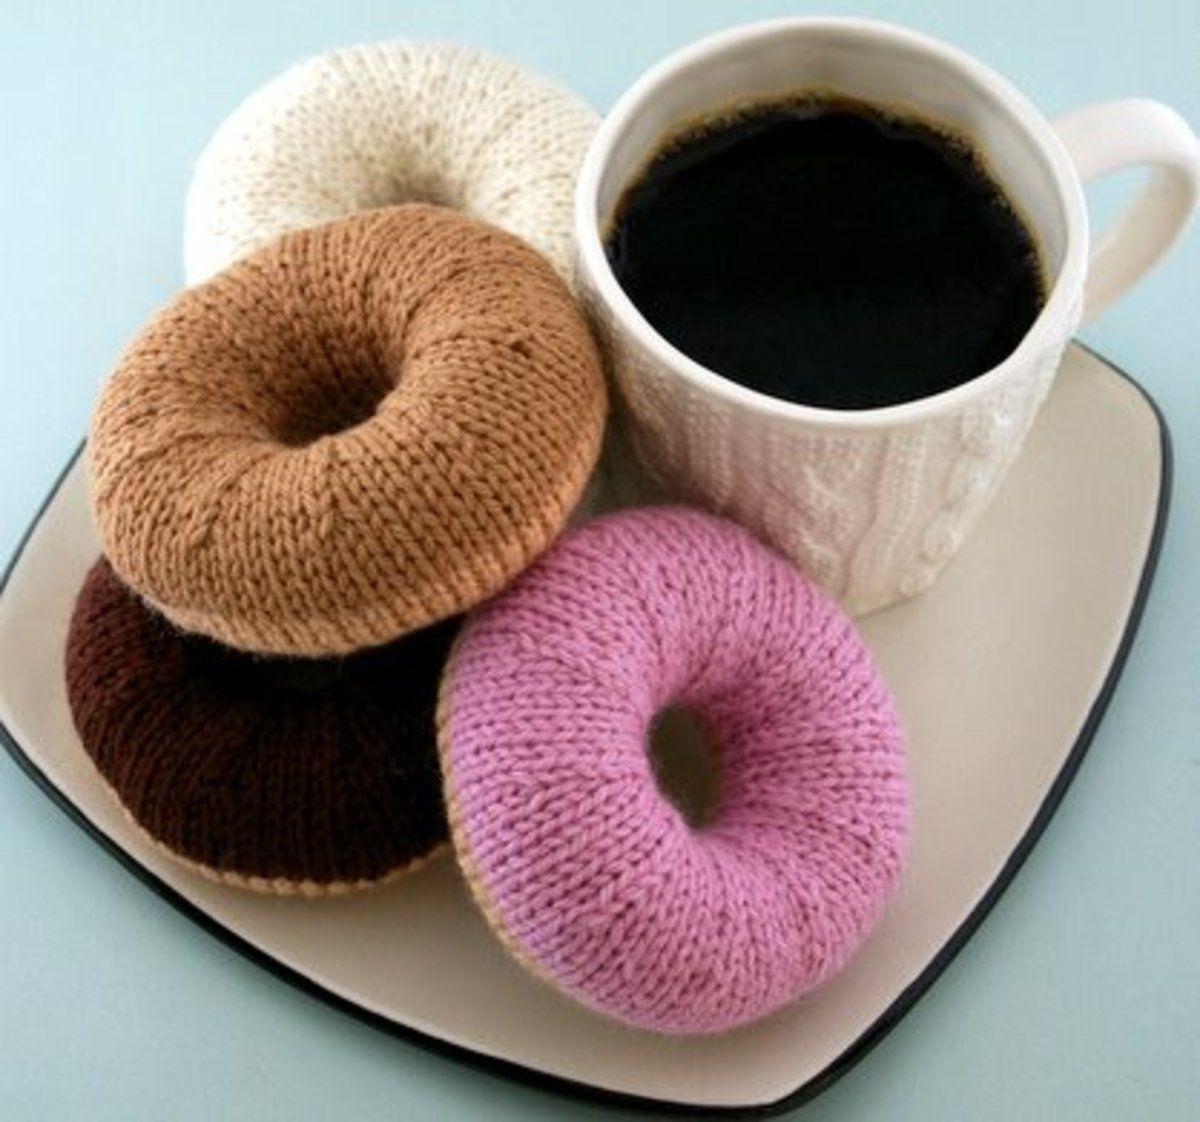 Holey donuts